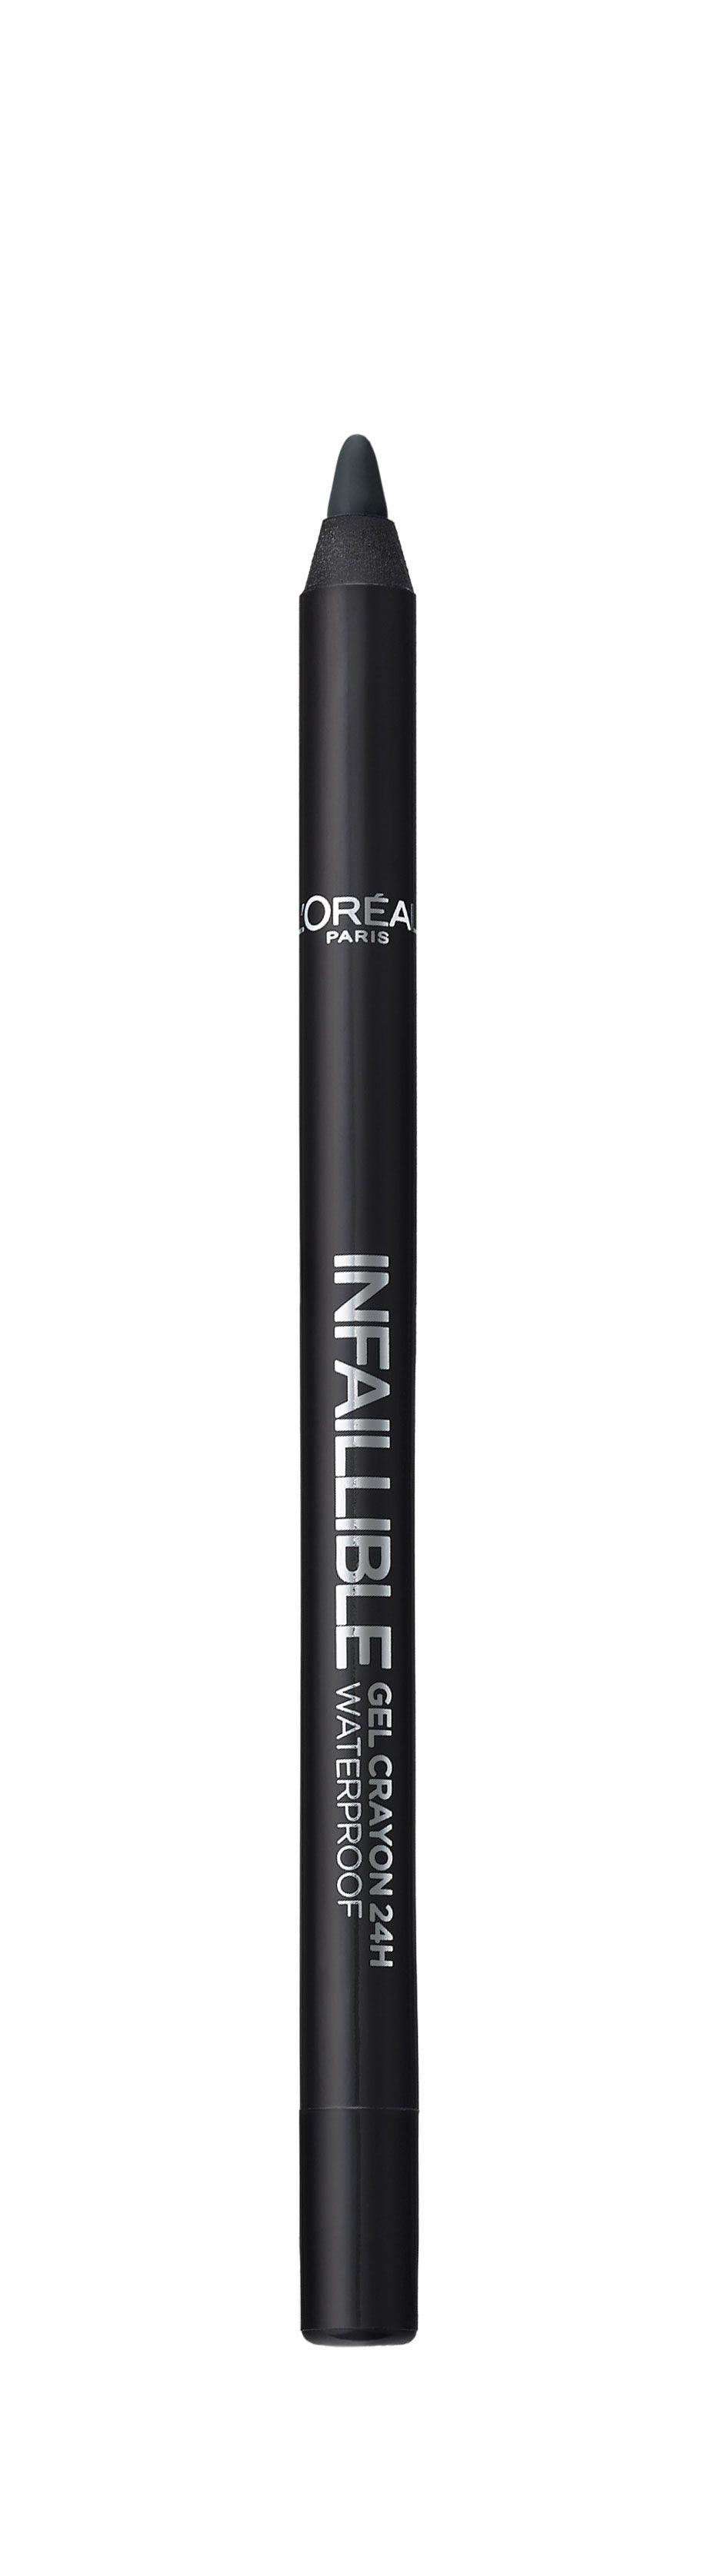 LOreal Paris Стойкий гелевый карандаш для глаз Infaillible, Оттенок 1, На черной сторонеA8994800Насыщенные пигменты и гелевая основа карандаша способствуют точному нанесению и устойчивому водостойкому результату на 24 часа. Множество оттенков – от базовых до самых ярких – для разнообразных вариантов макияжа.